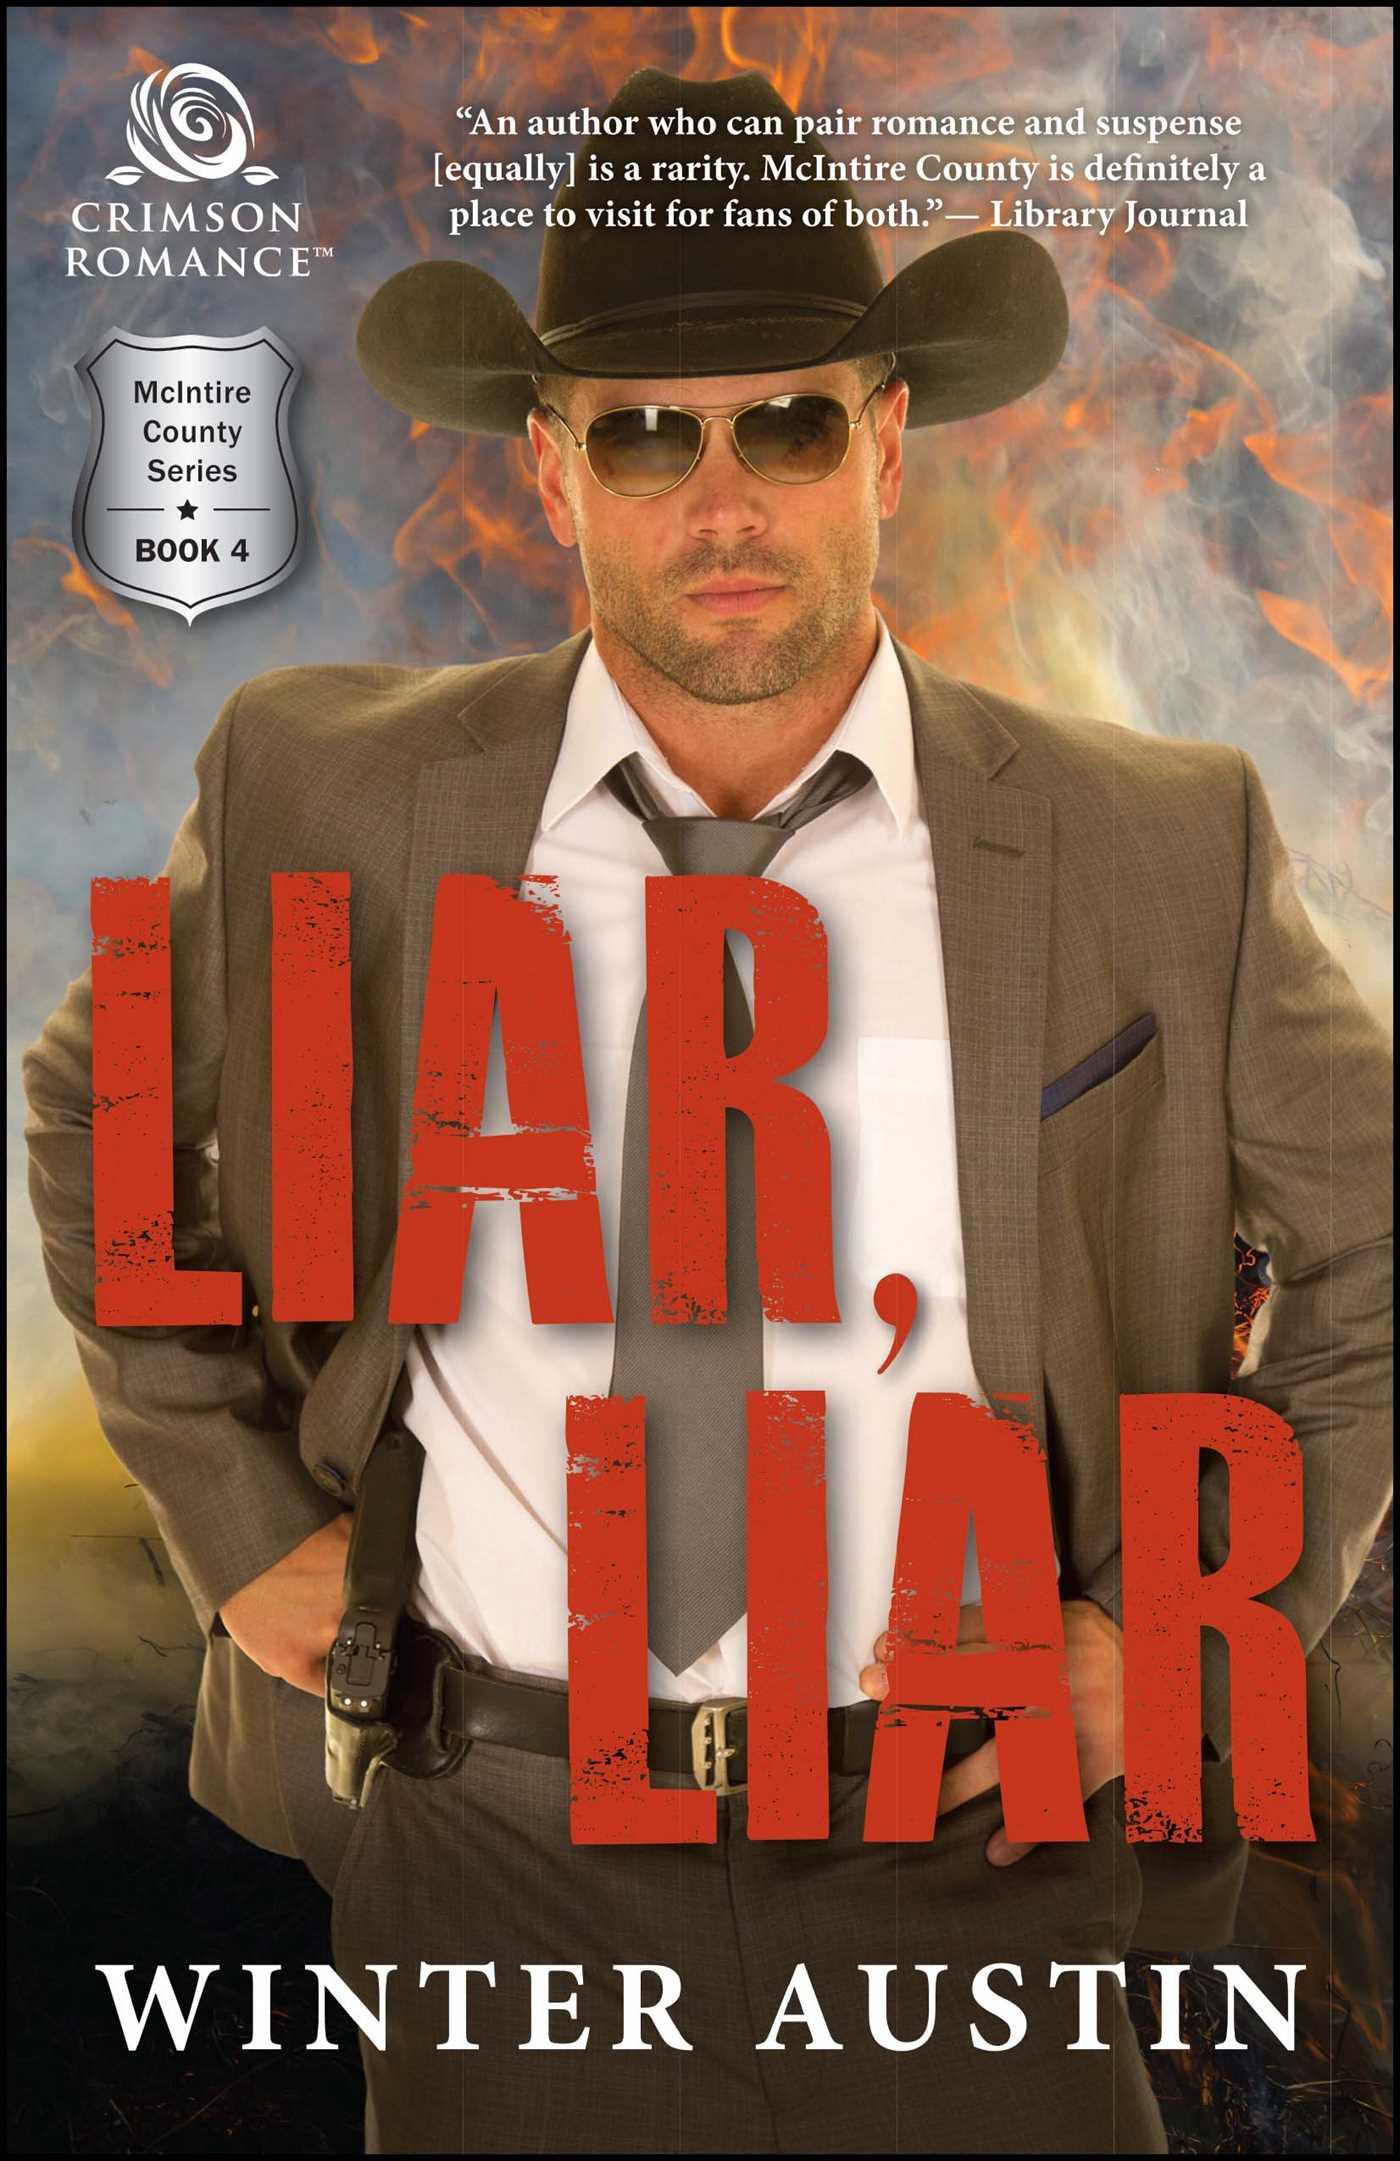 Liar liar 9781507206928 hr